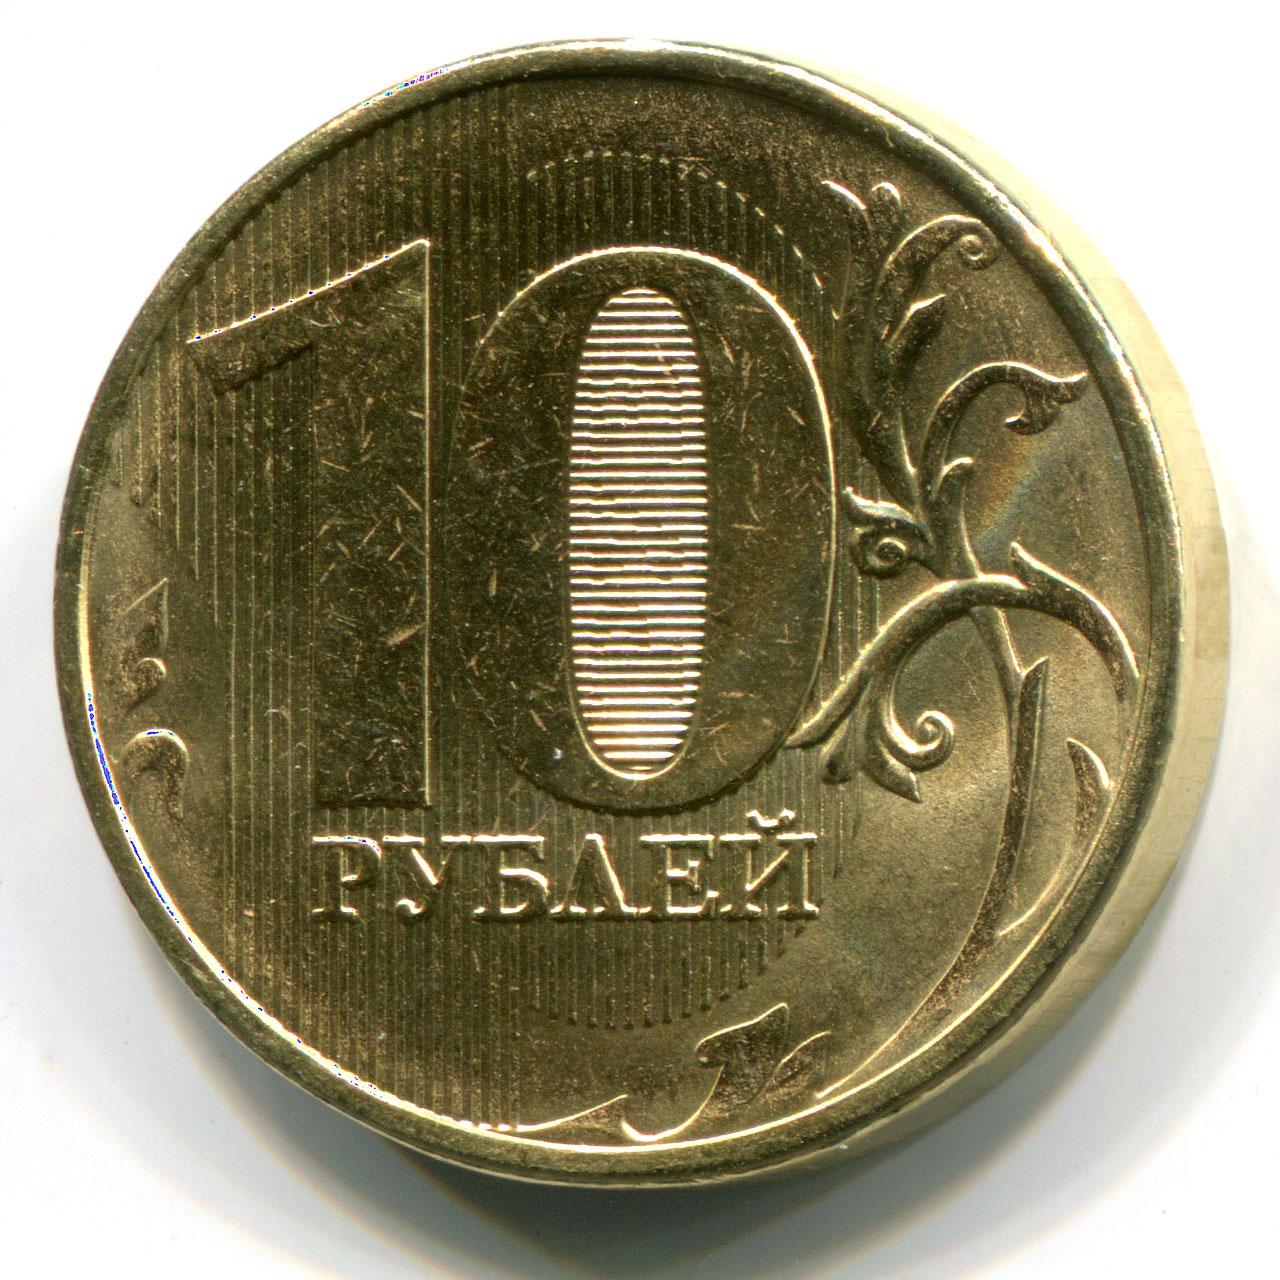 Реверс монеты 10 рублей 2016